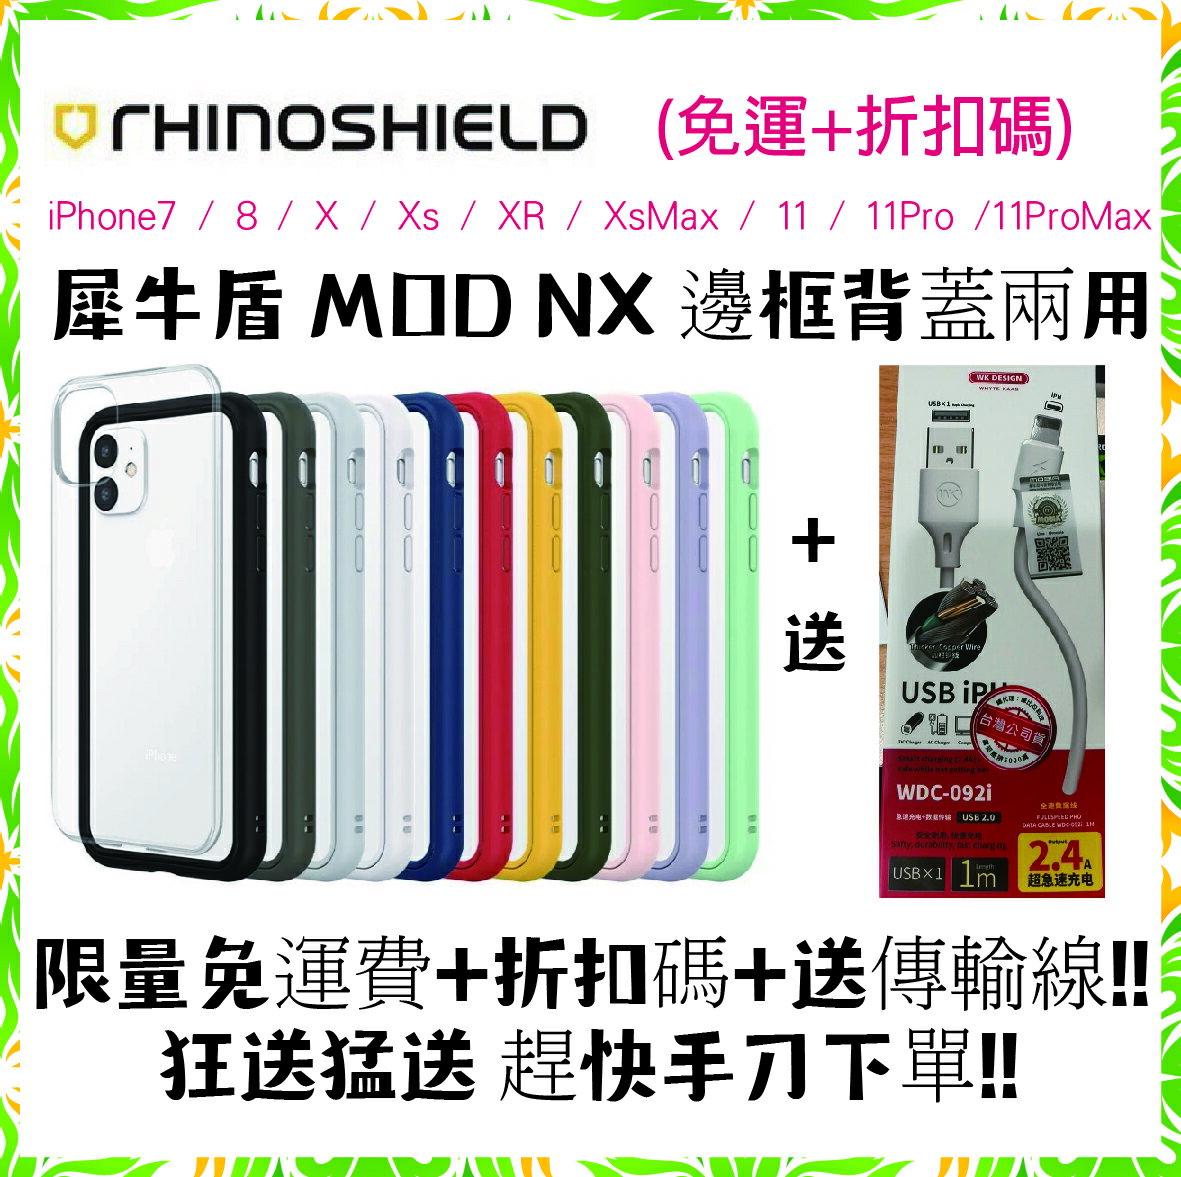 犀牛盾 Mod NX iPhone11全系列 7 / 8 / X / Xs / XsMax /XR  邊框背蓋兩用殼 軍規防摔殼 i11 11Pro 11ProMax